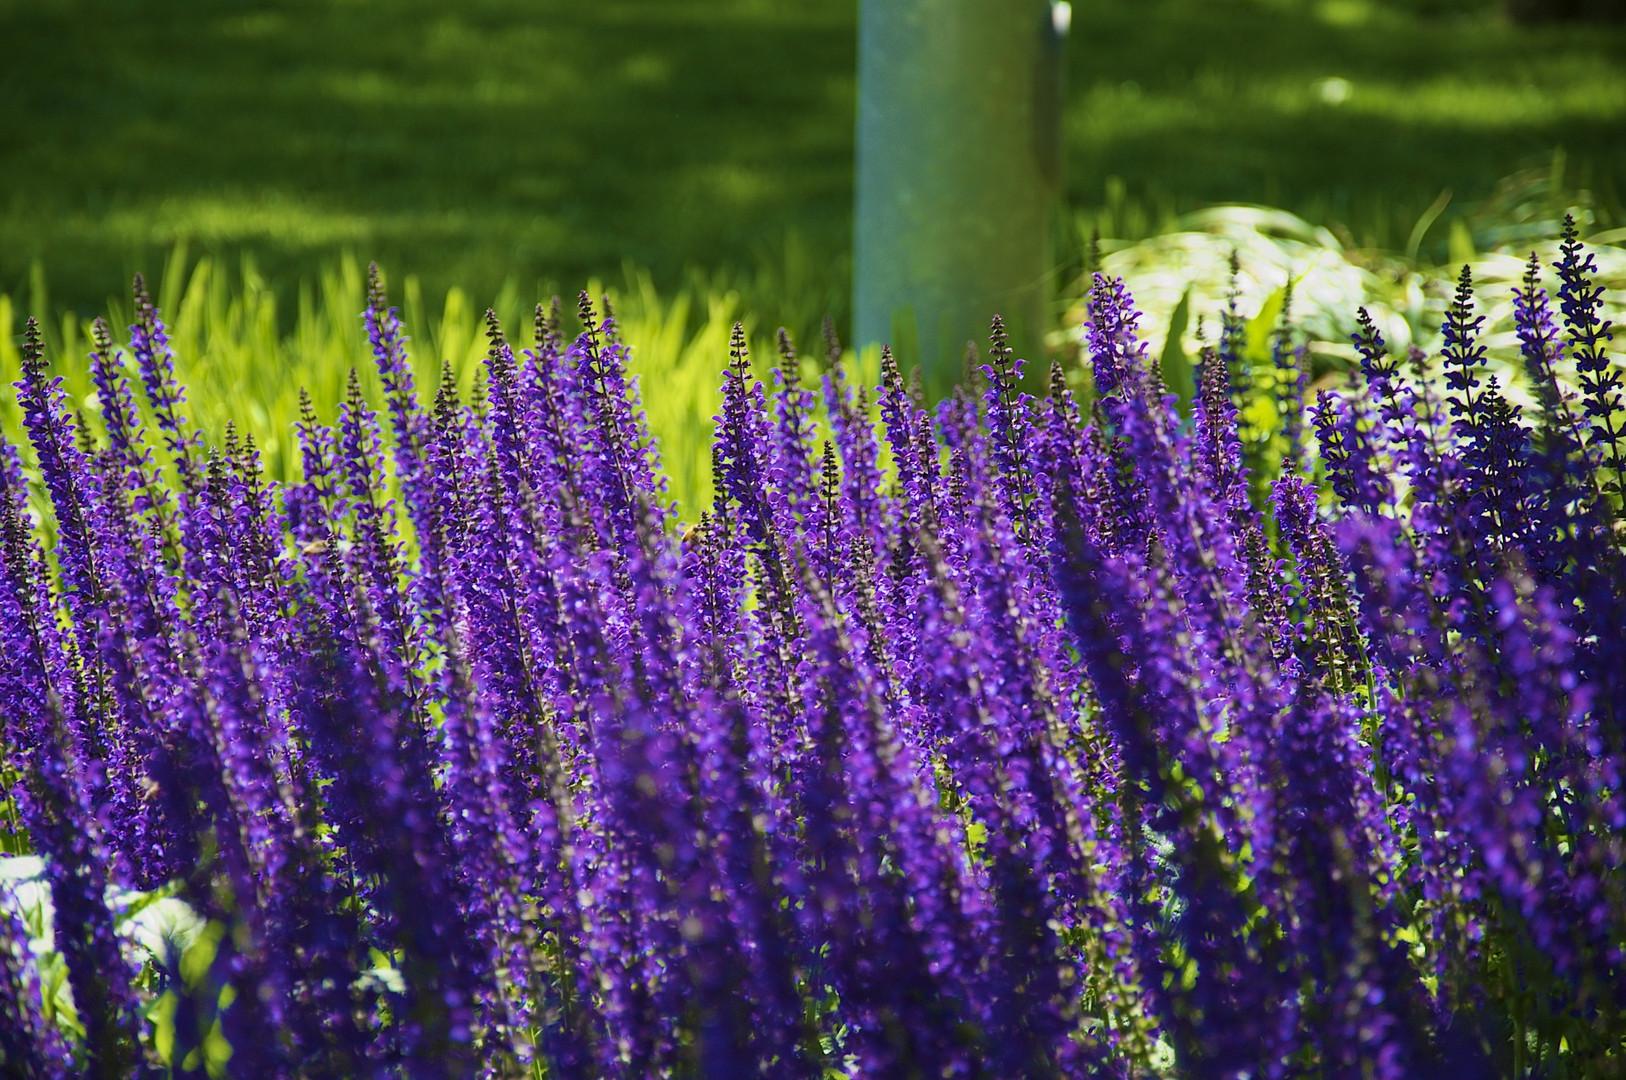 lavendelstr ucher foto bild anf ngerecke nachgefragt nachgefragt pflanzen lavendel. Black Bedroom Furniture Sets. Home Design Ideas